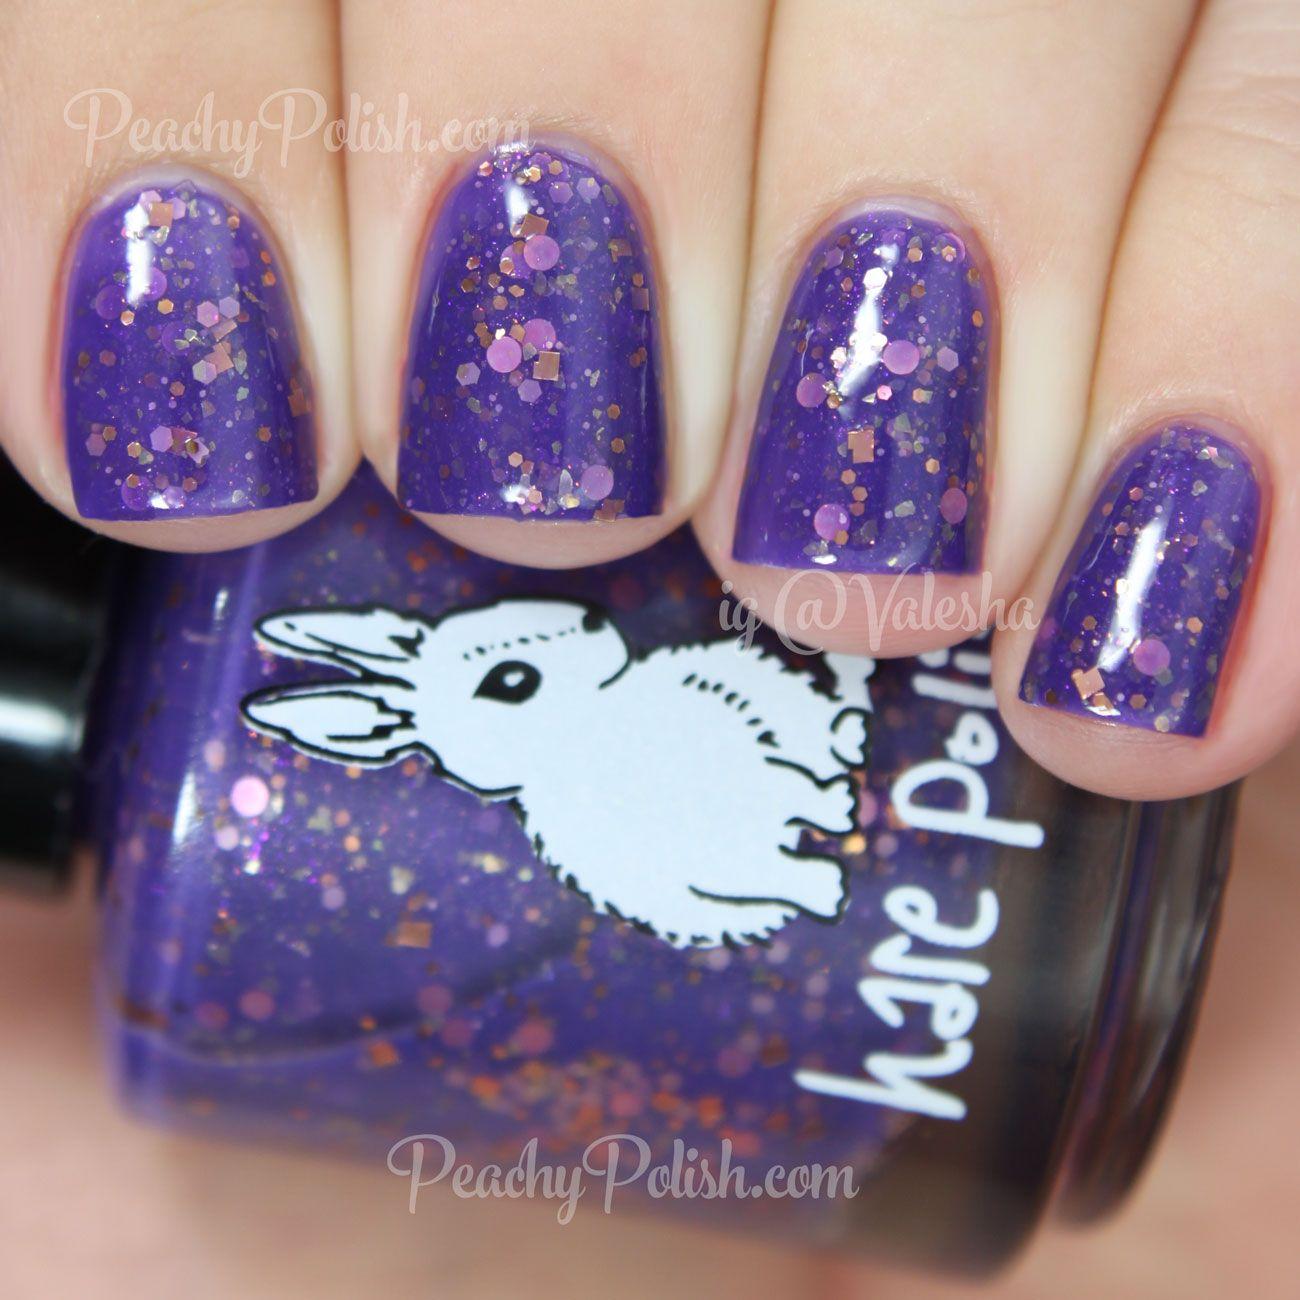 Hare Polish Regency Miss Peachy Polish Nail Polish Polish Nails